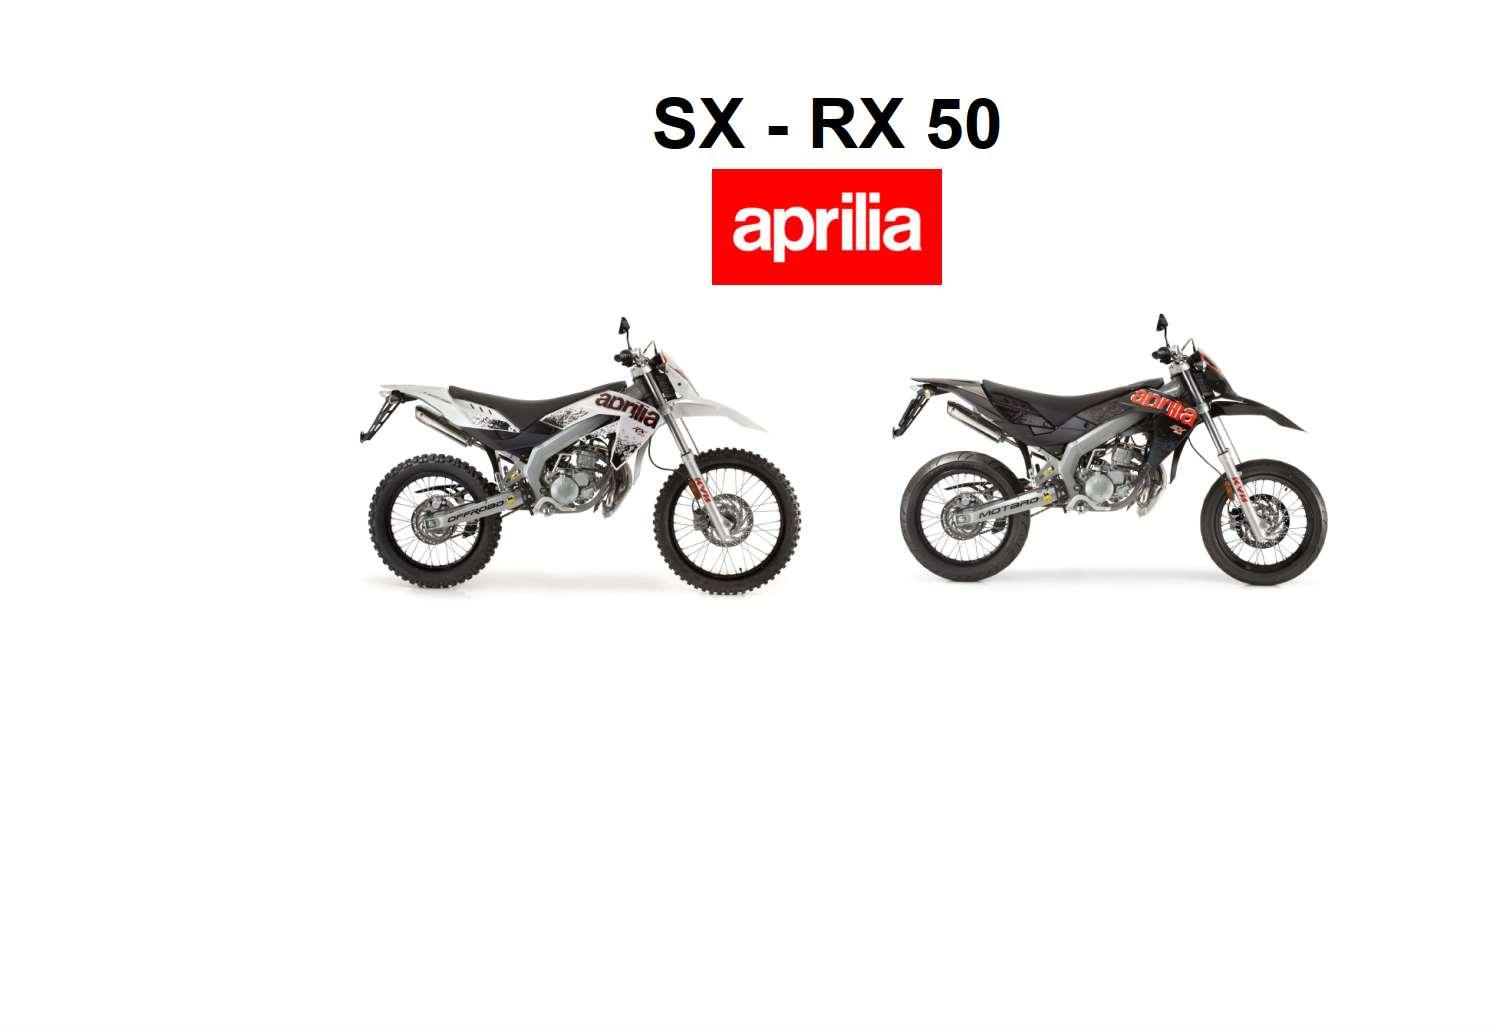 Aprilia Sx Rx 50 Owner S Manual